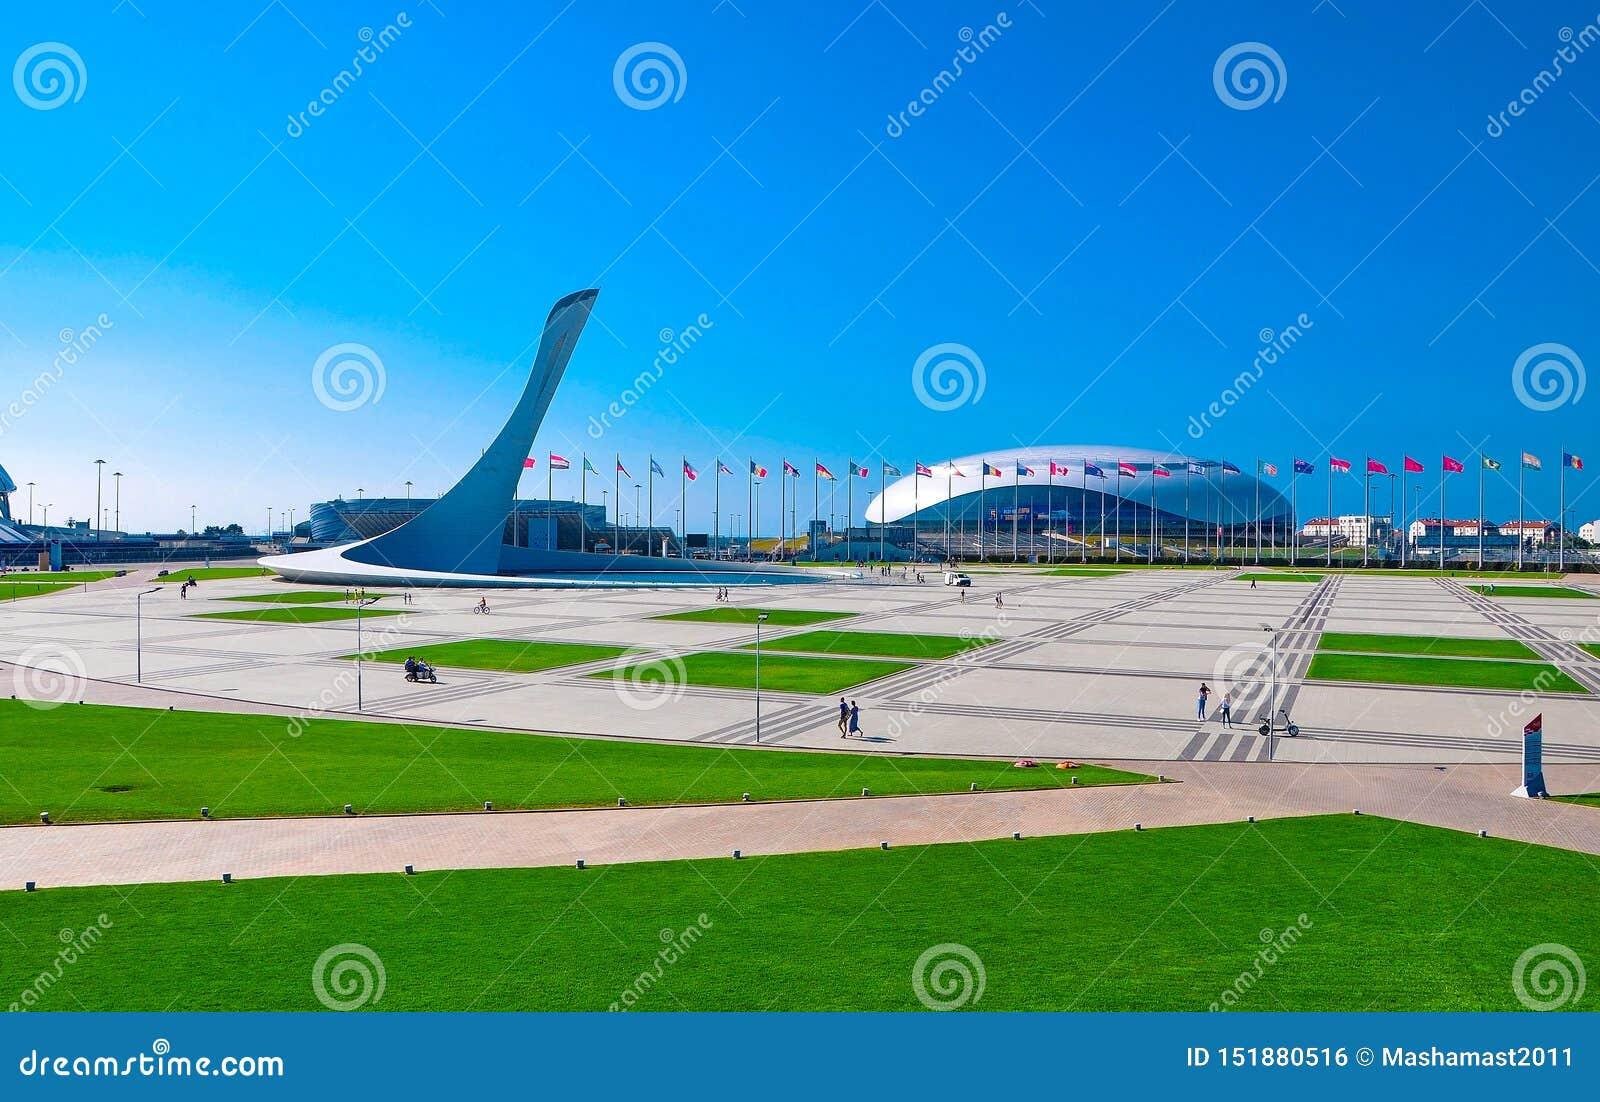 Ρωσία, Sochi - 14 Οκτωβρίου 2018 - χώρος σταδίων μεγάλος στο θέρετρο Imereti